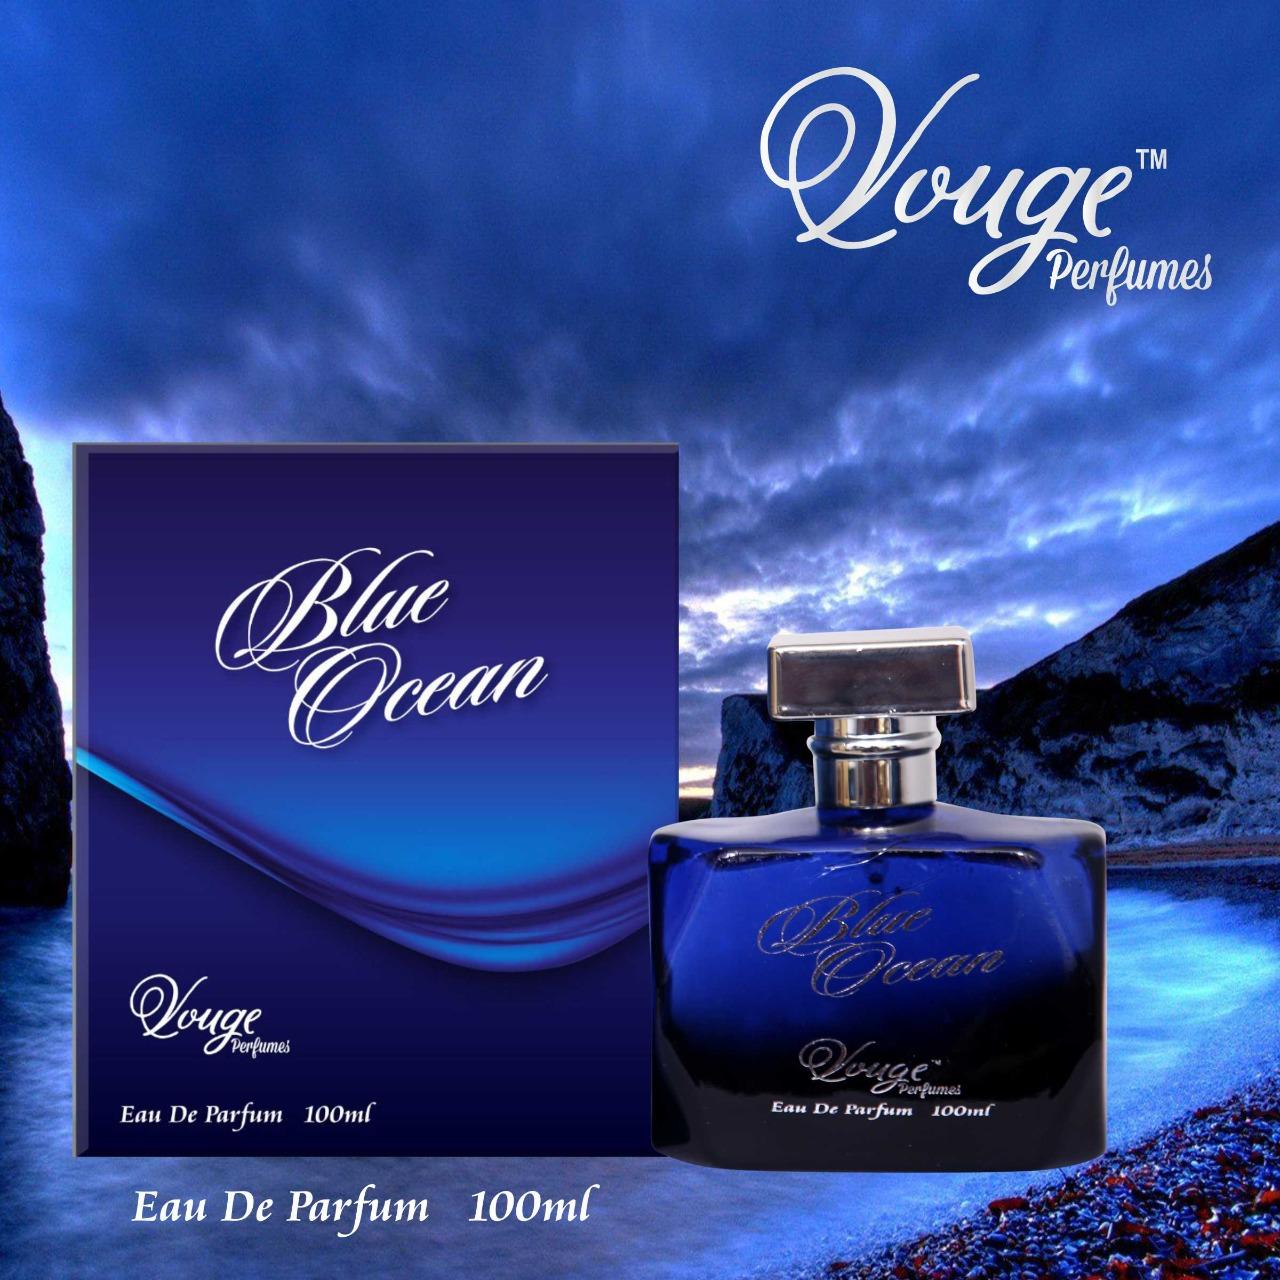 Vouge Perfume - Blue Ocean